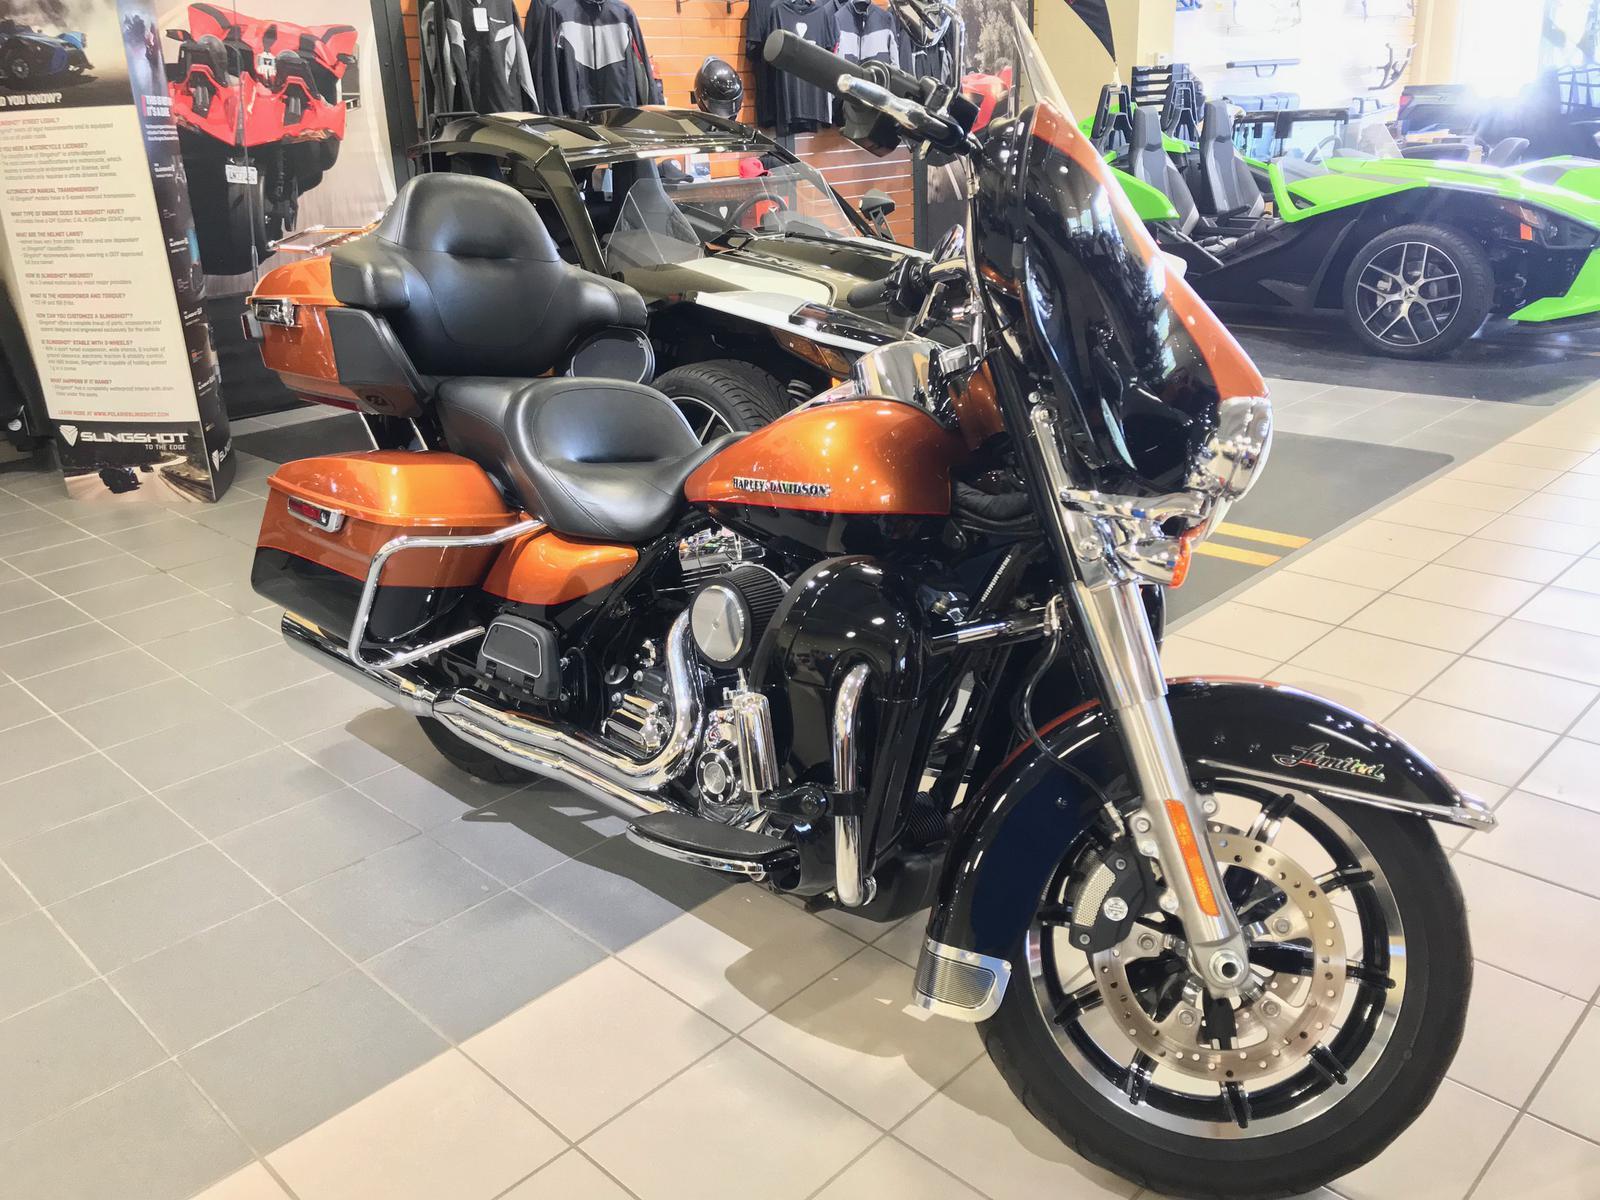 2014 Harley-Davidson® HARLEY ELECTRA GLIDE ULTRA LIMITED FLHTK